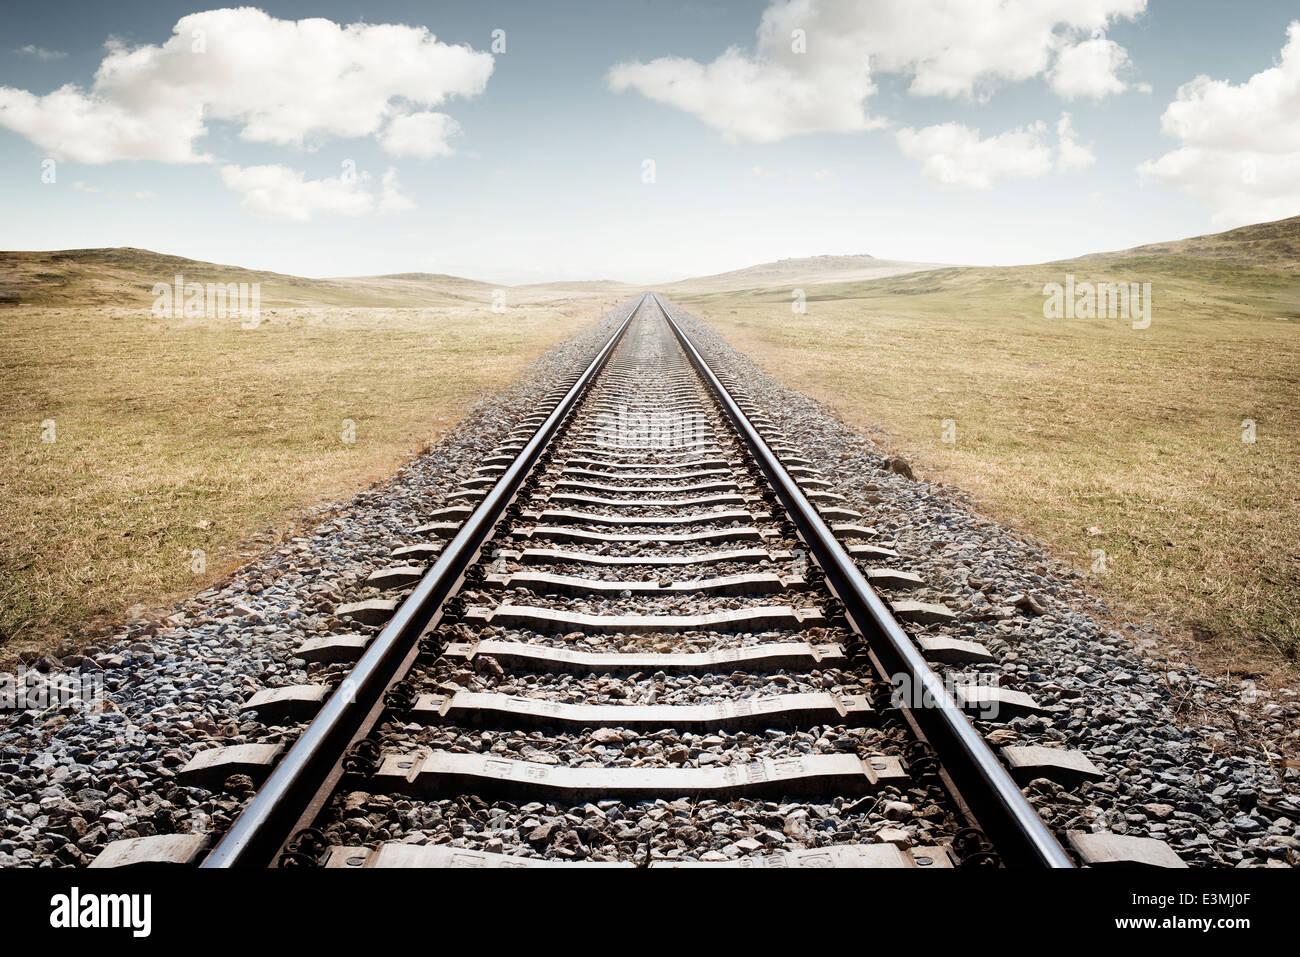 Eisenbahnschienen. Eine lange Reise vor uns. Stockbild